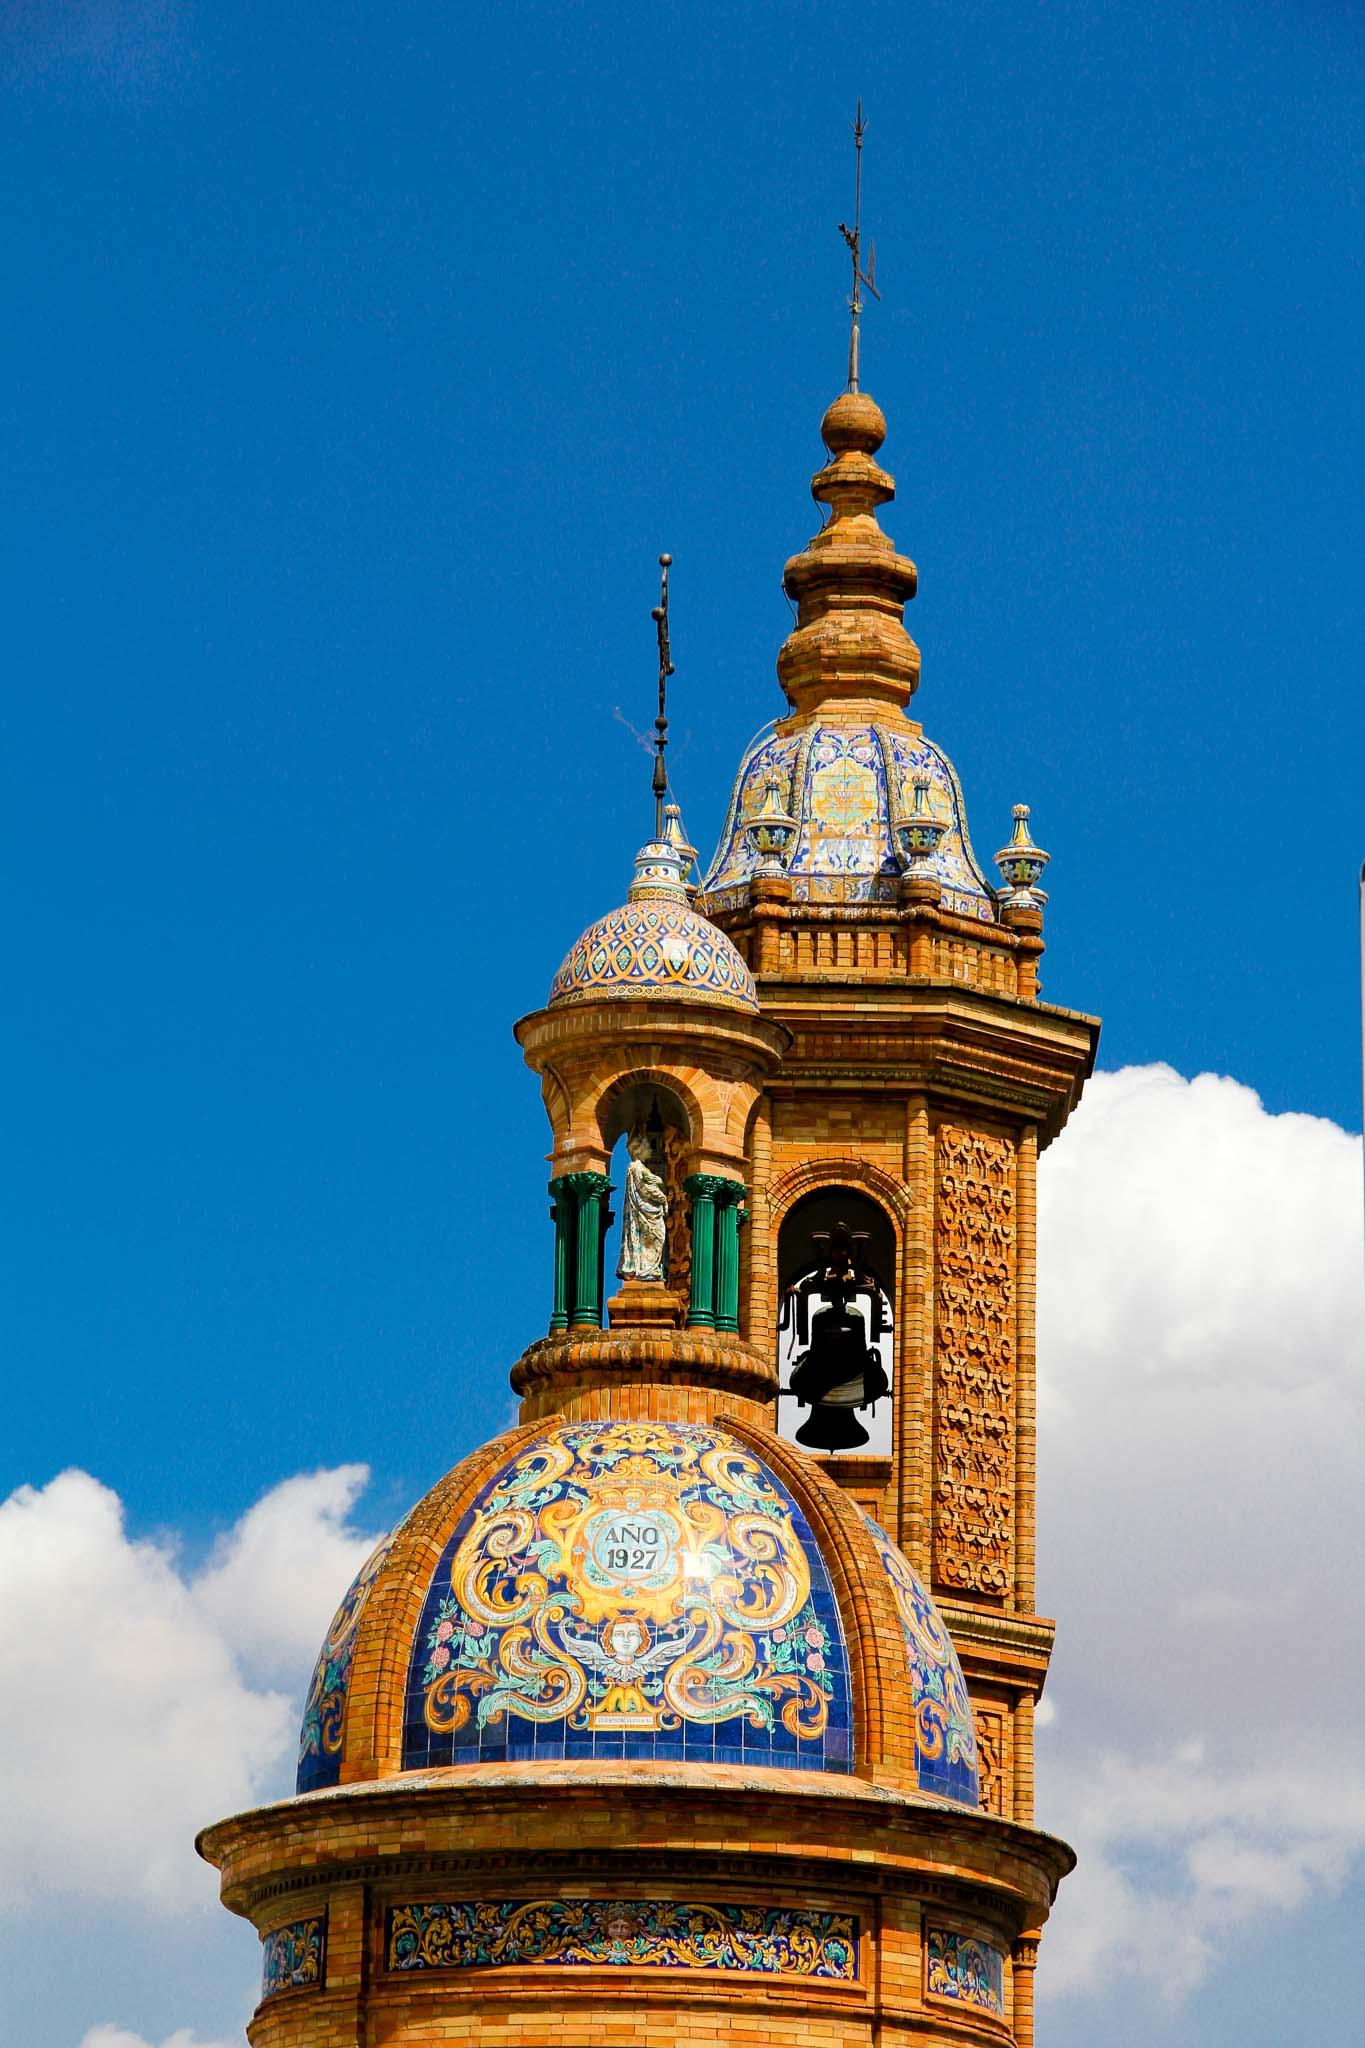 Palácio de São Jorge, Sevilha